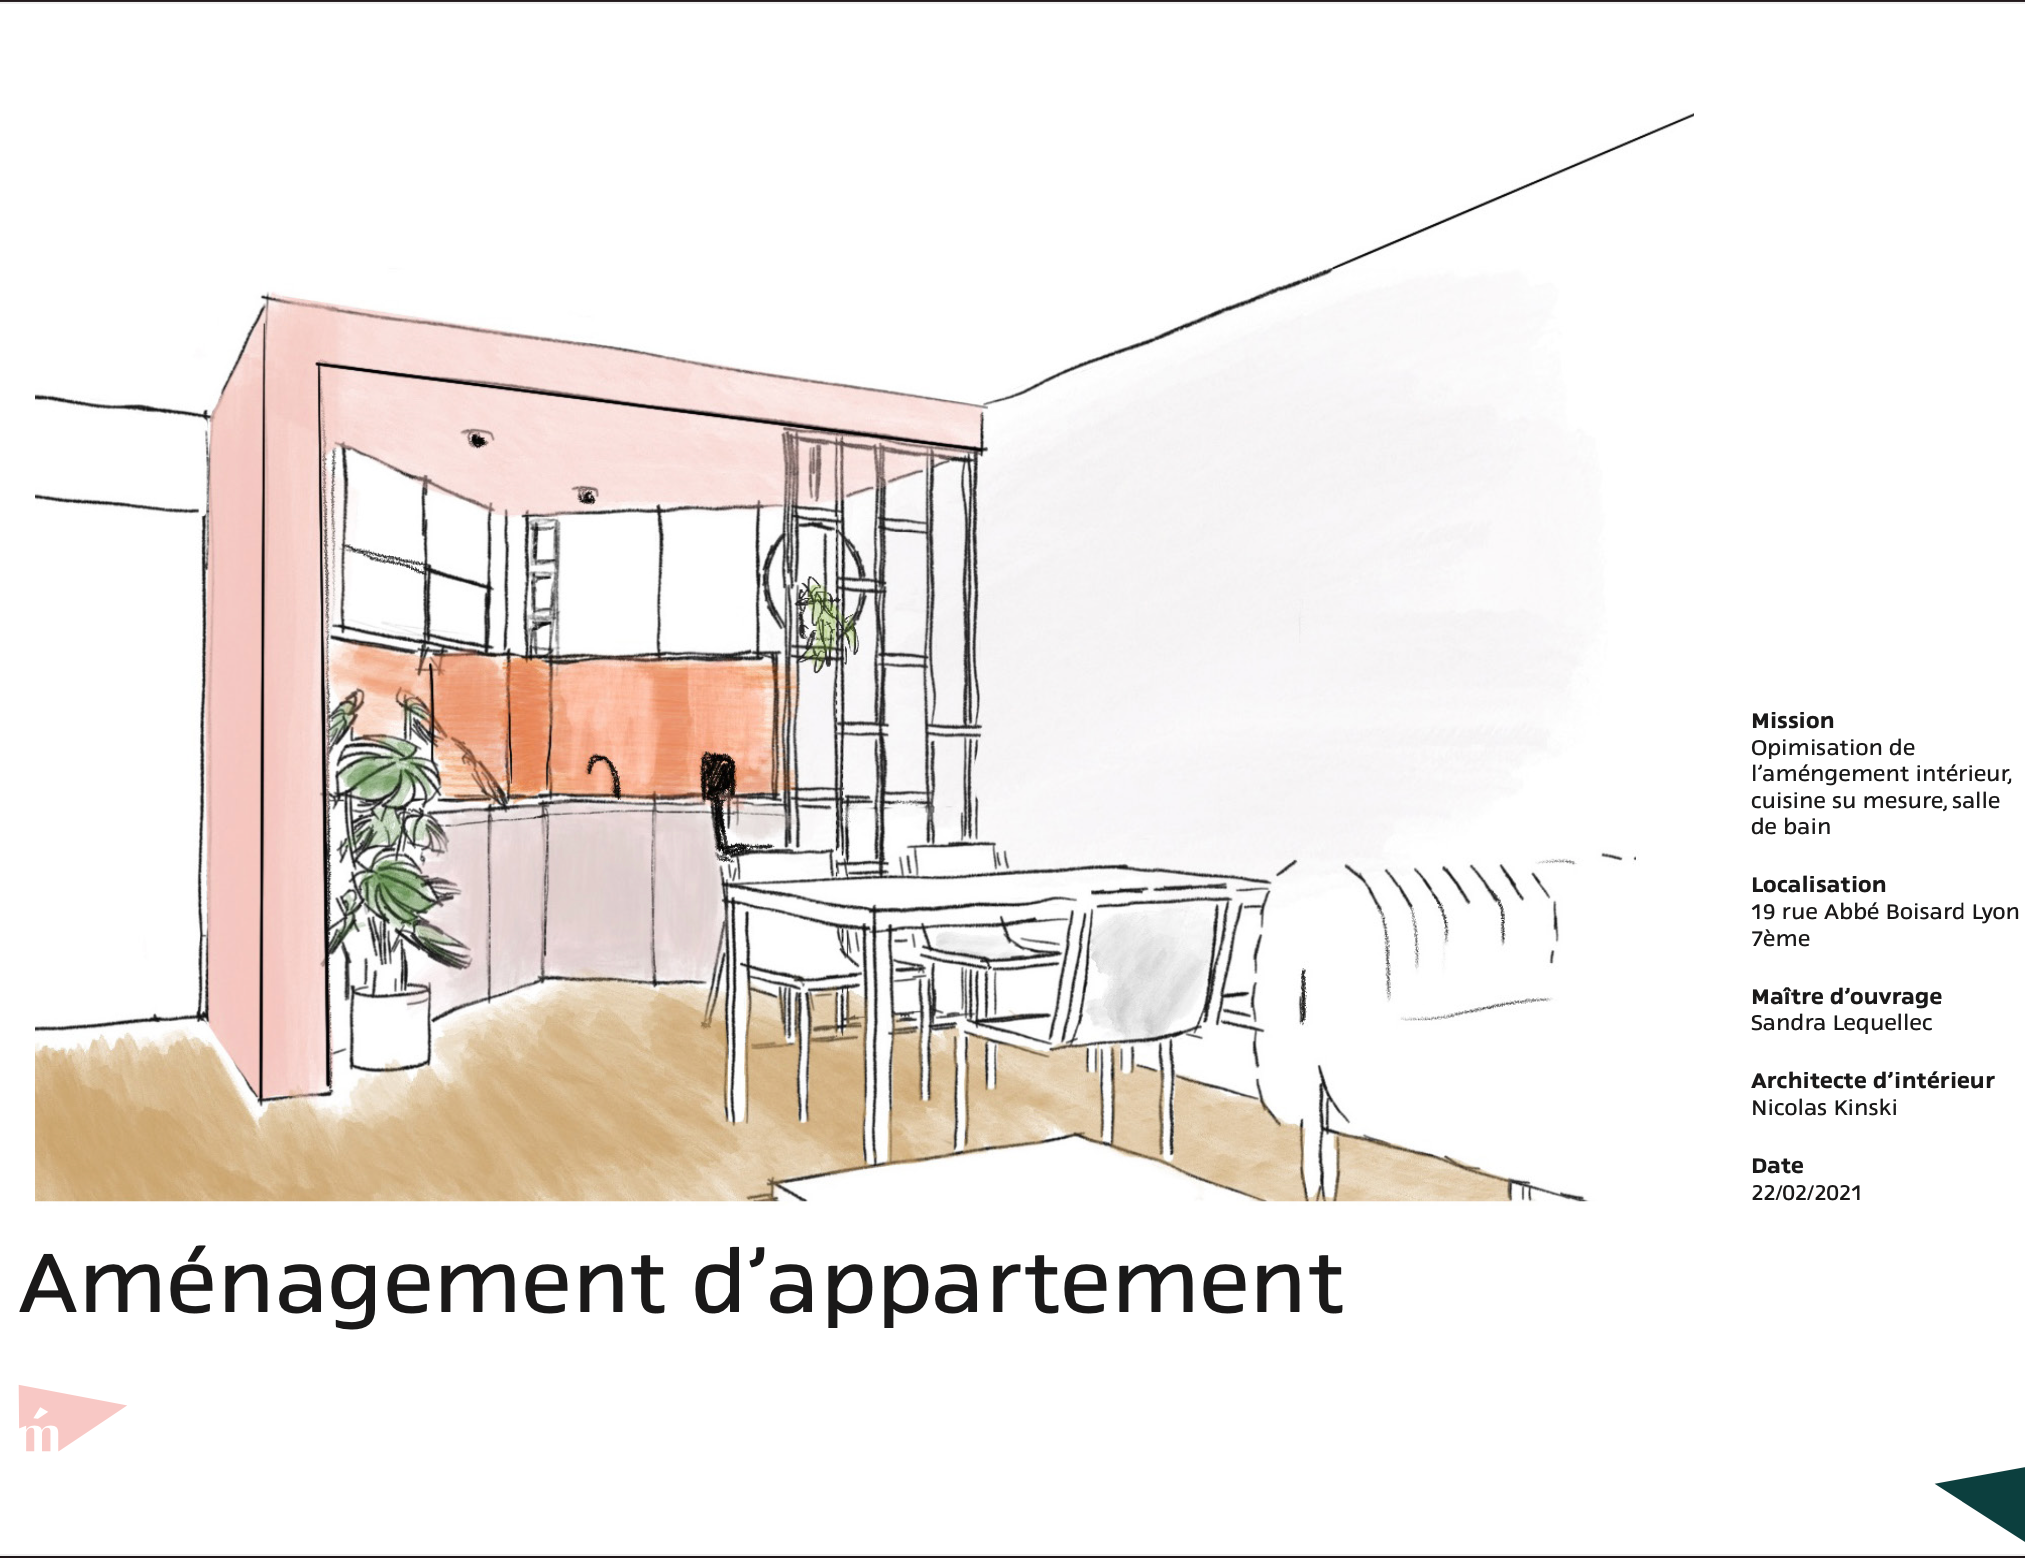 photo Conception et aménagement I appartement Lyon 7 Nicolas Kinski, Architecte d'intérieur hemea